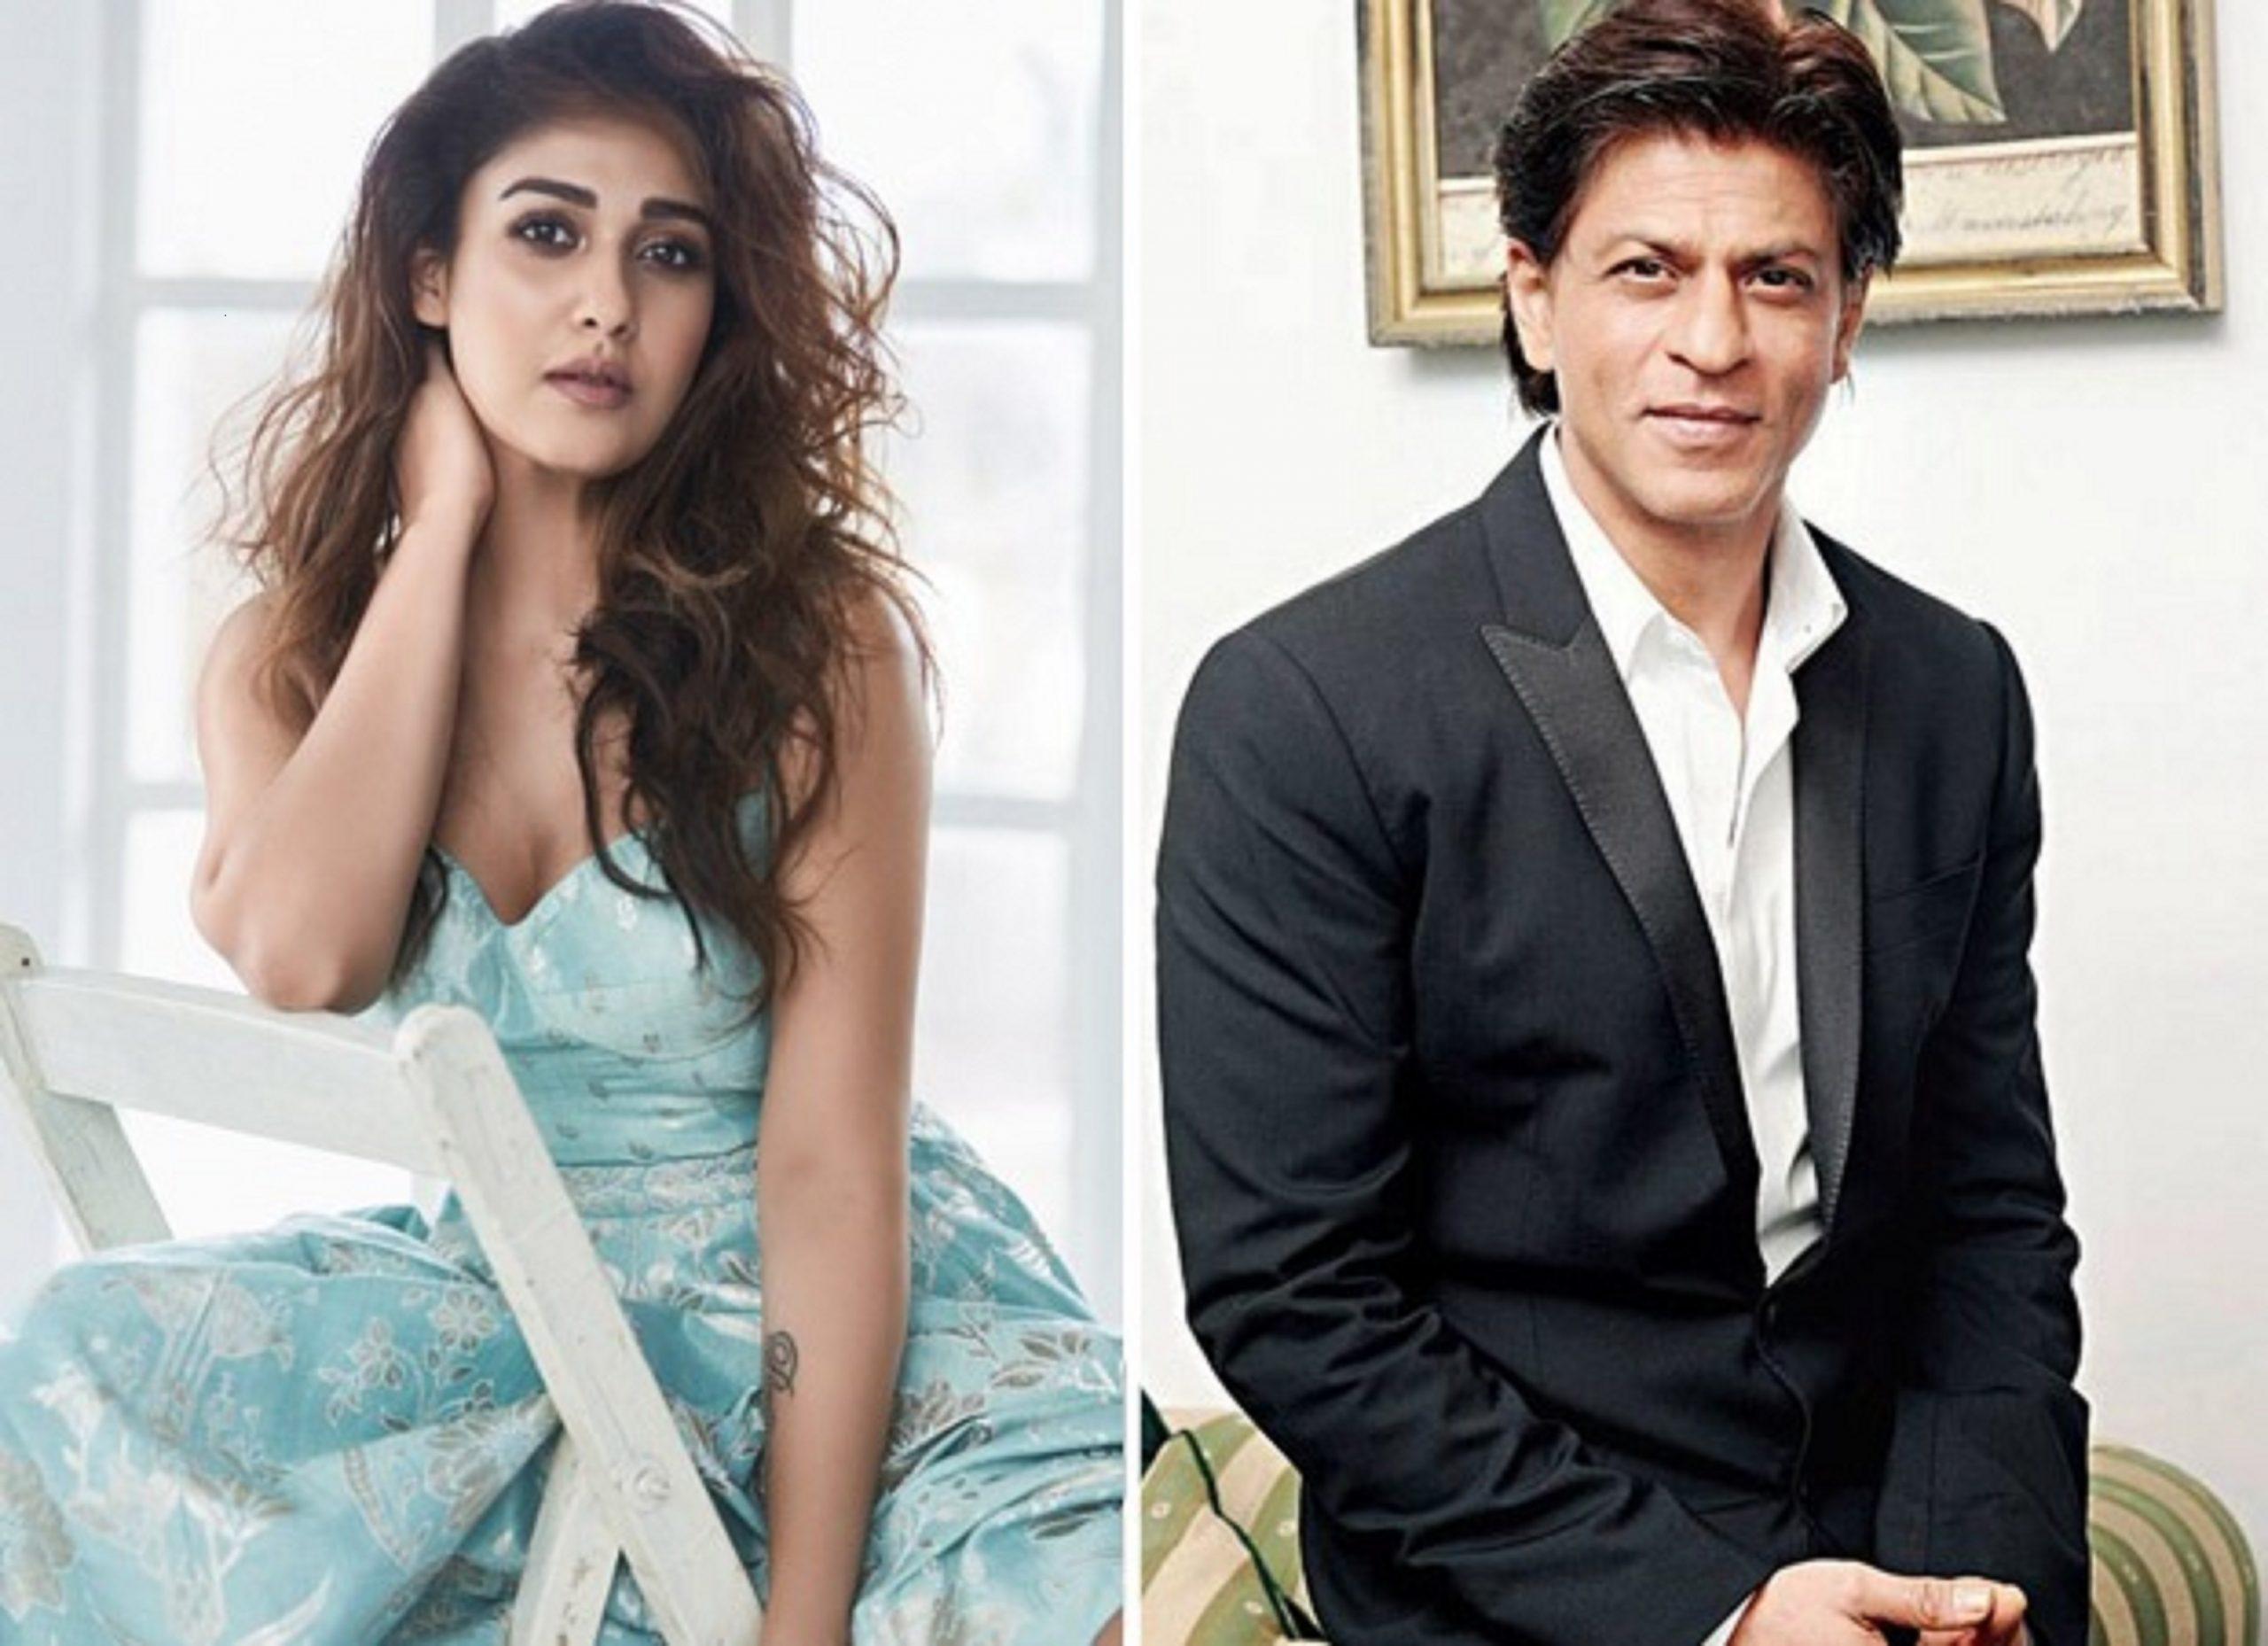 शाहरुख खानको नयाँ फिल्ममा साउथ अभिनेत्री नयन तारा